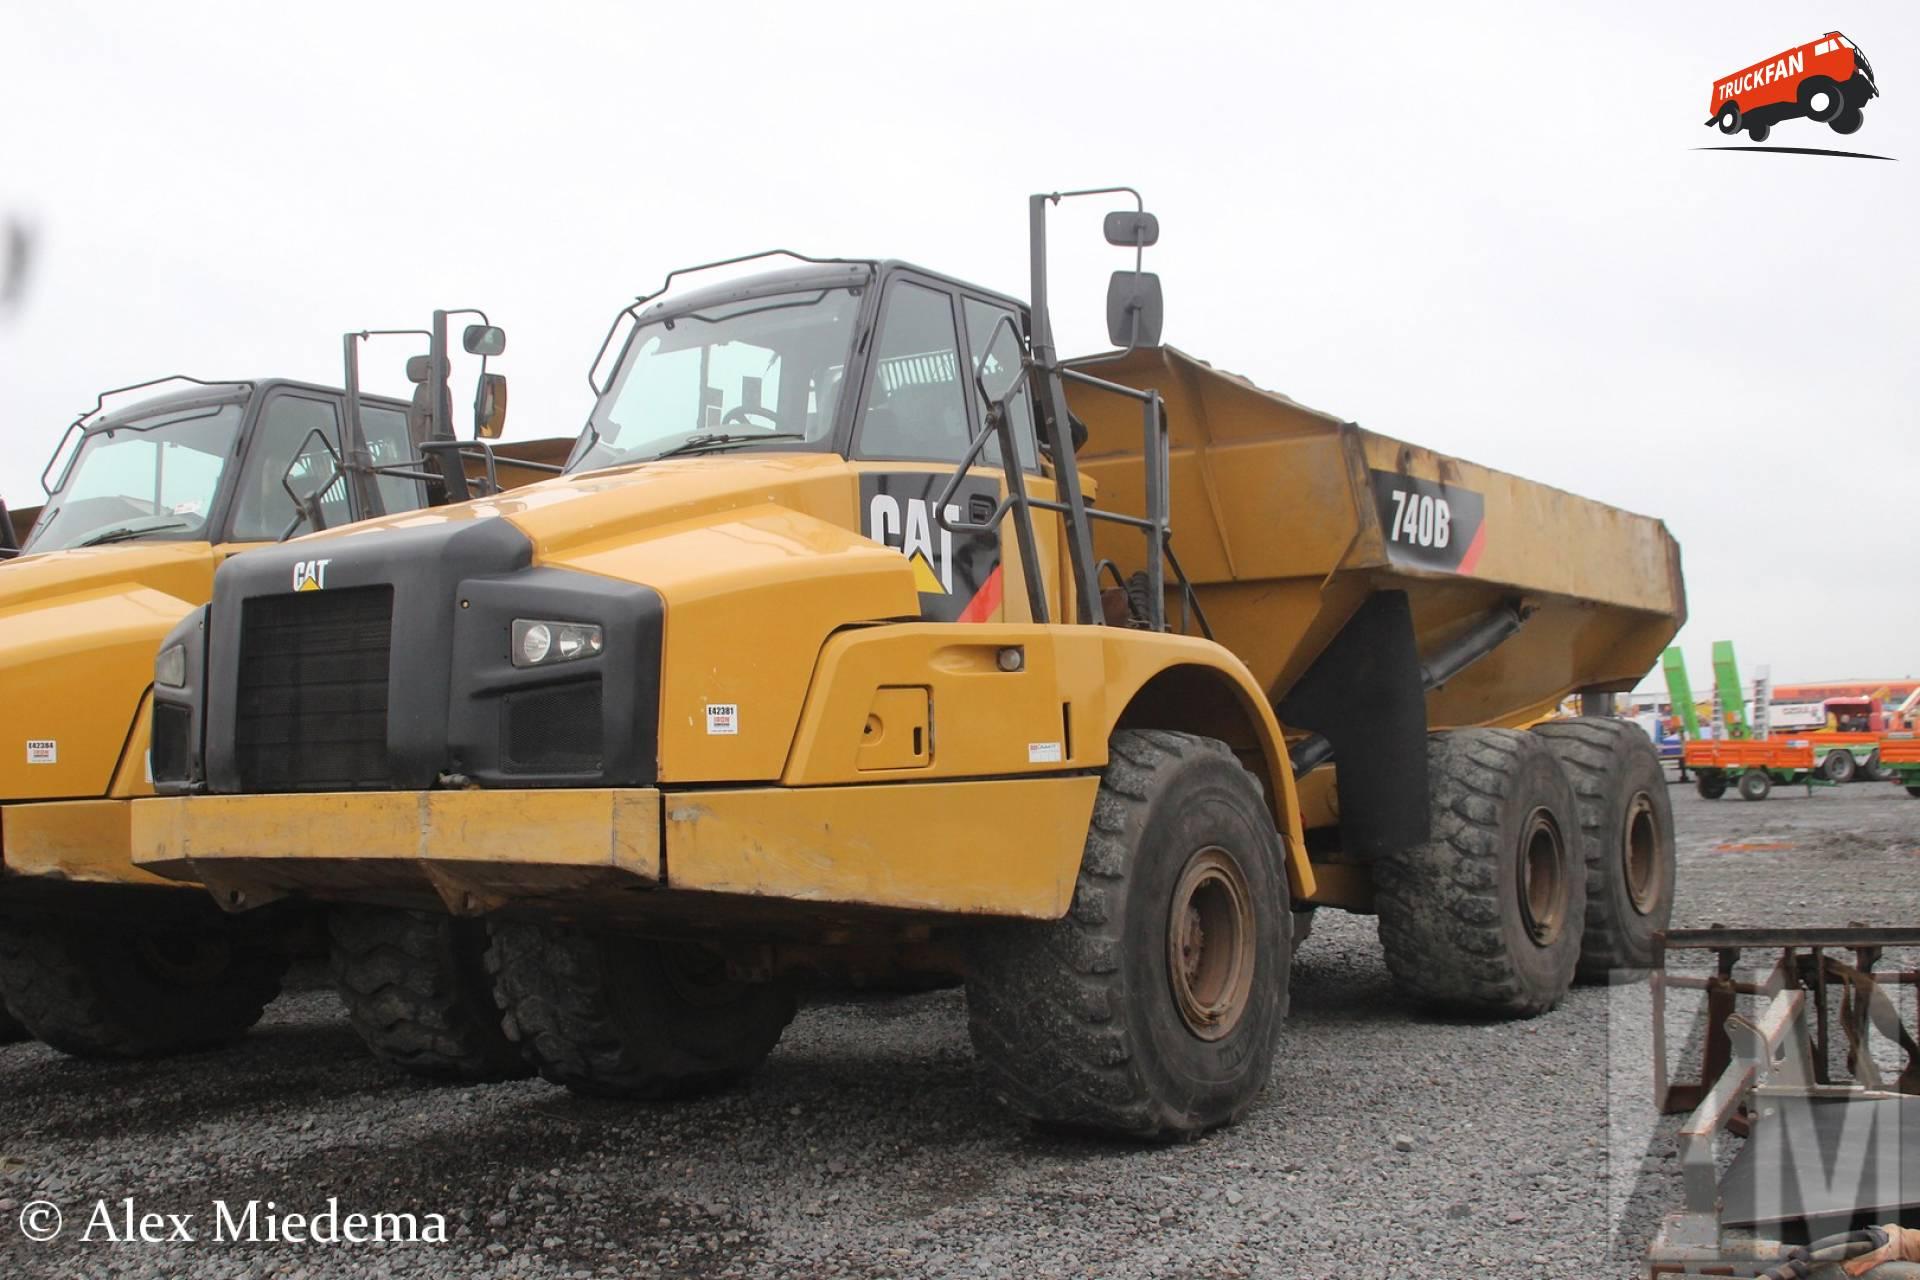 Cat 740B